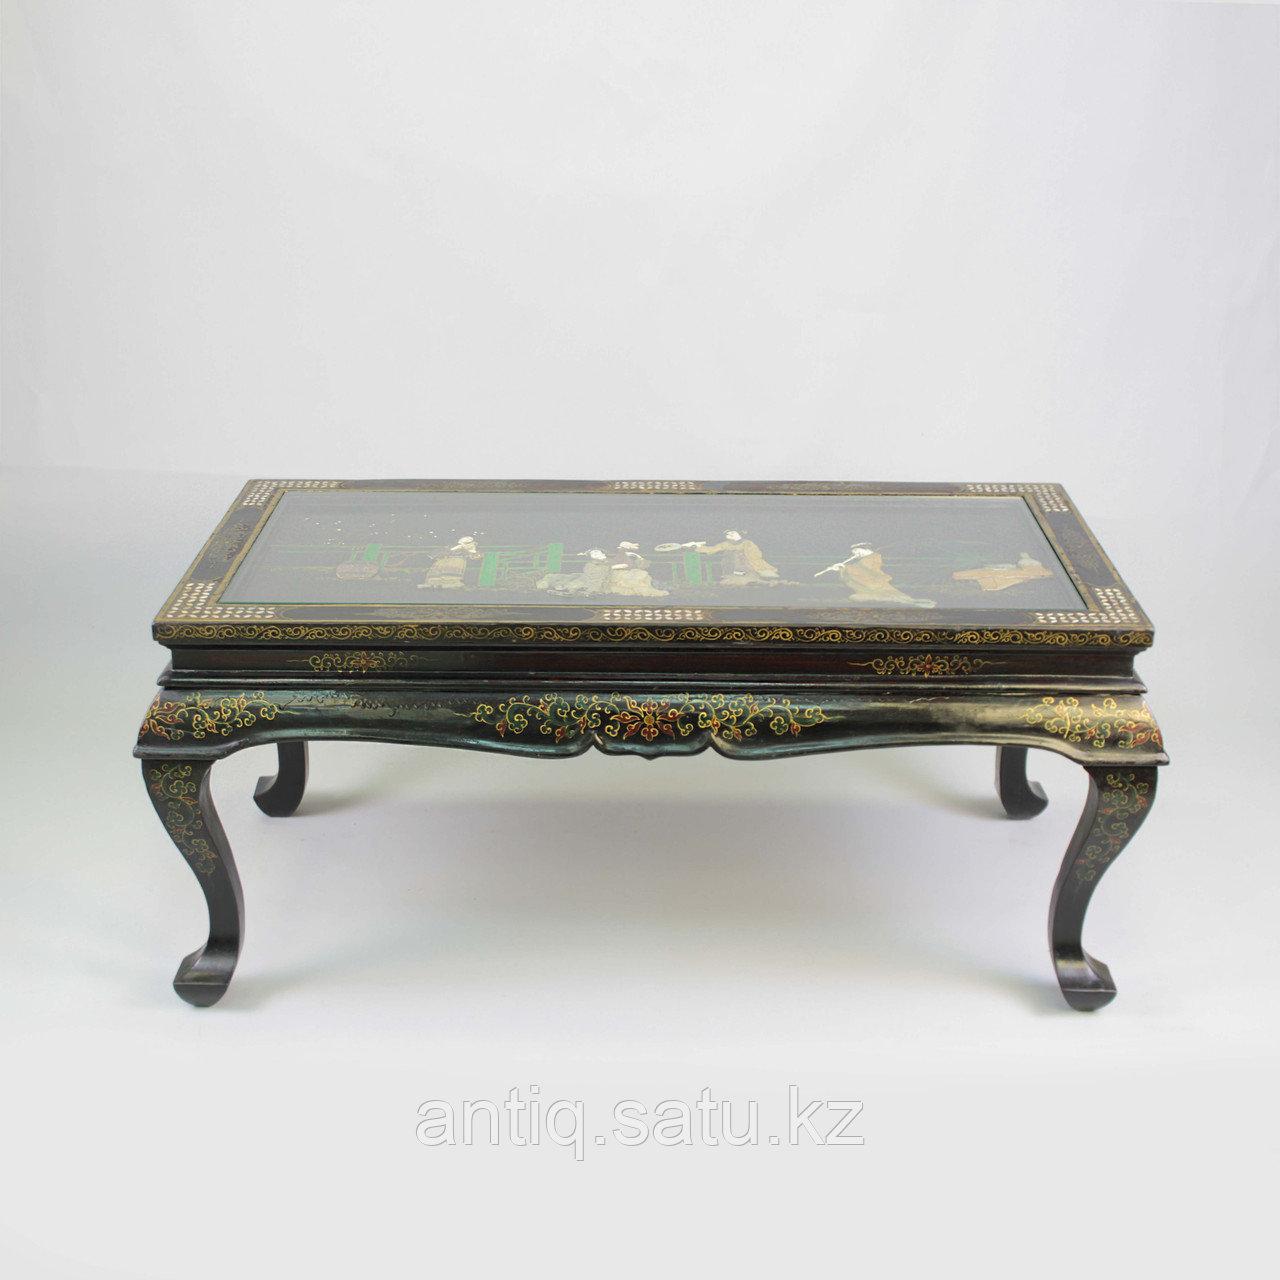 Китайский столик в классическом стиле - фото 1